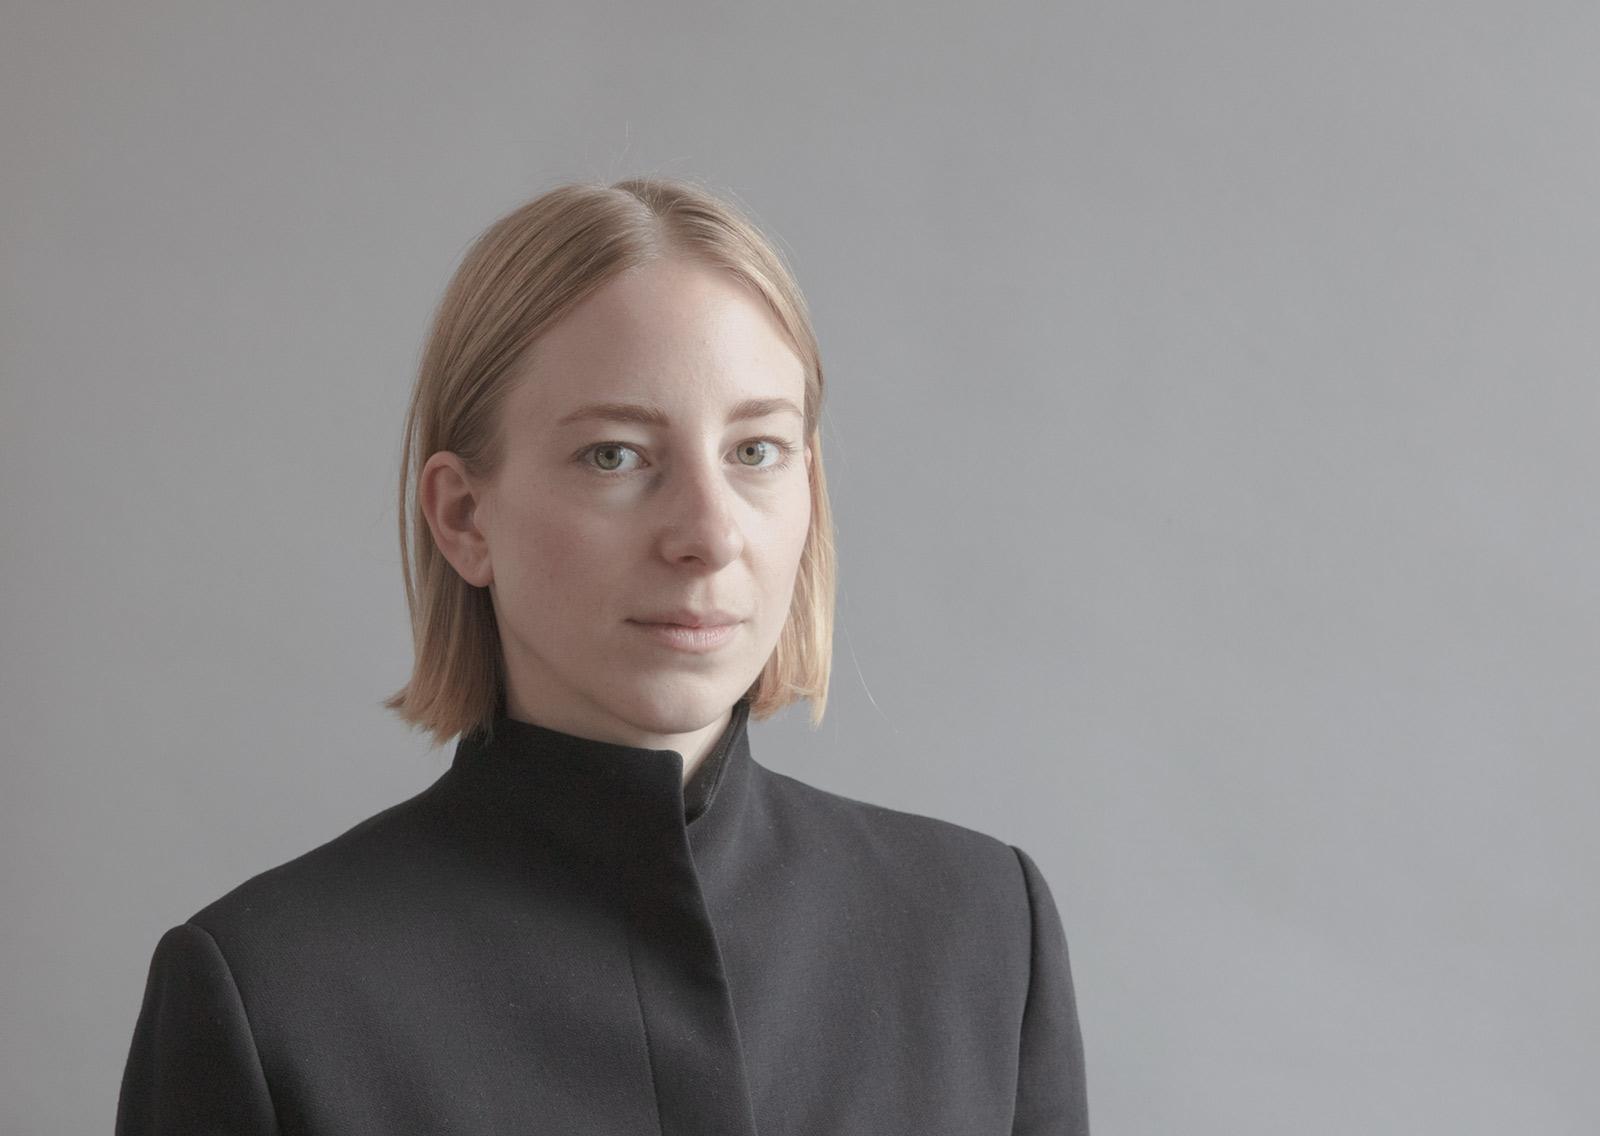 Christina Huber